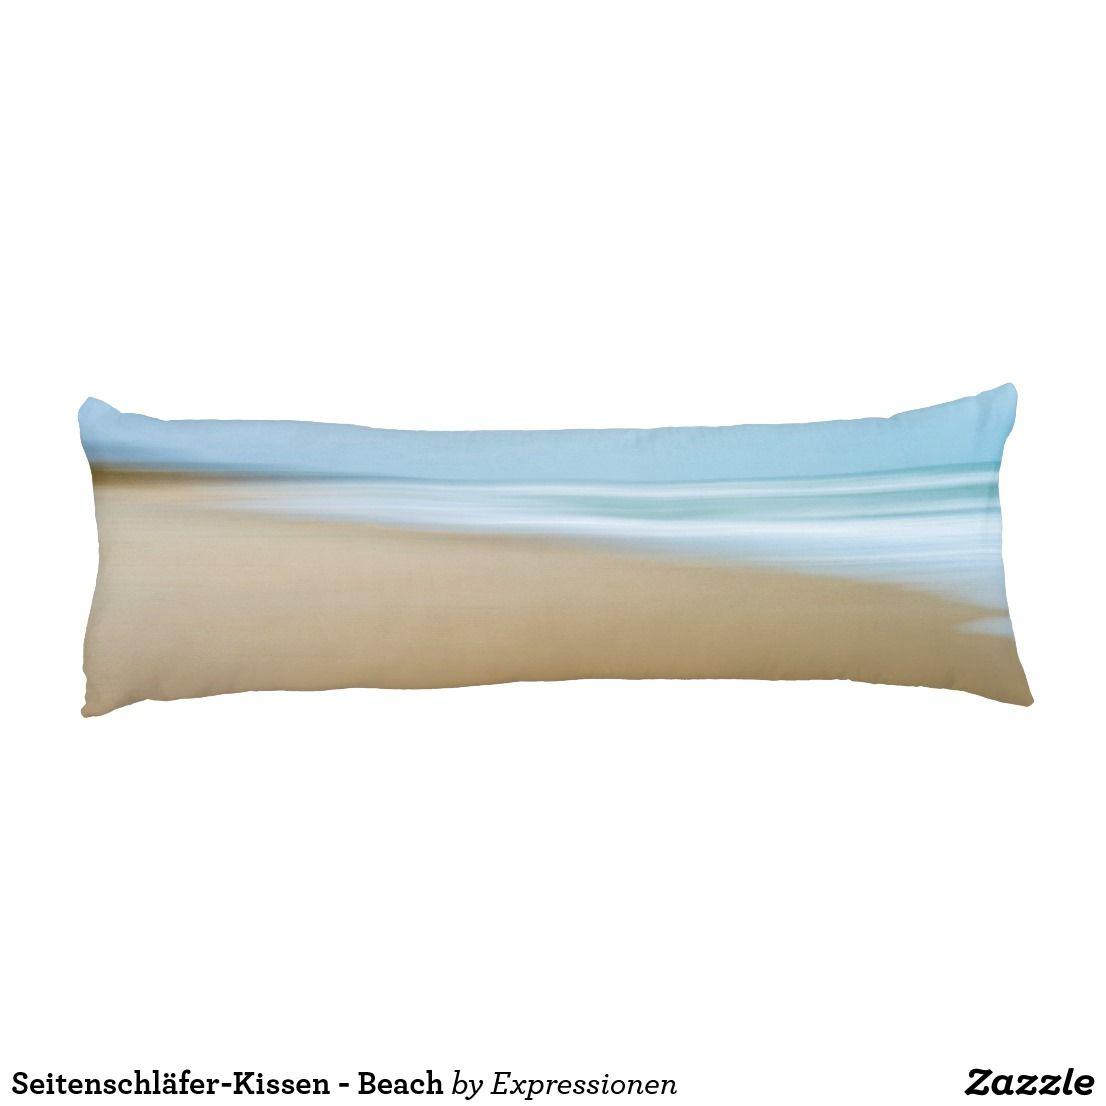 Seitenschlafer Kissen Beach Seitenschlaferkissen Zazzle De